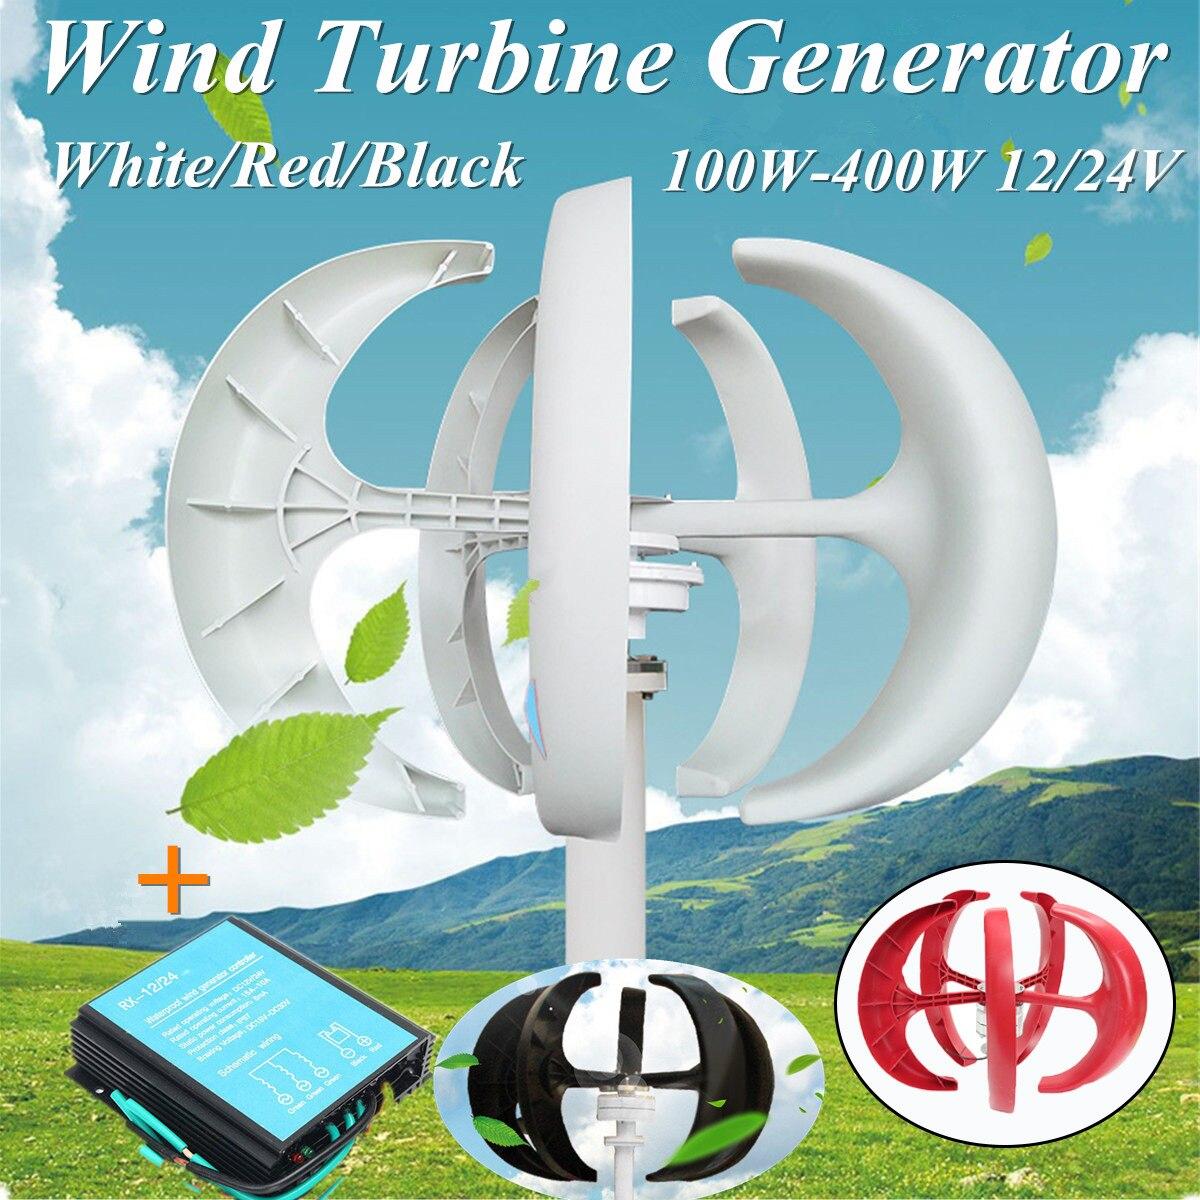 100W/200W/300W/400W Lantern Wind Turbine Generator DC 12V/24V Wind Power Permanent Magnet Generator 600W Wind Energy Controller 100w 200w 300w 400w lantern wind turbine generator dc 12v 24v wind power permanent magnet generator 600w wind energy controller